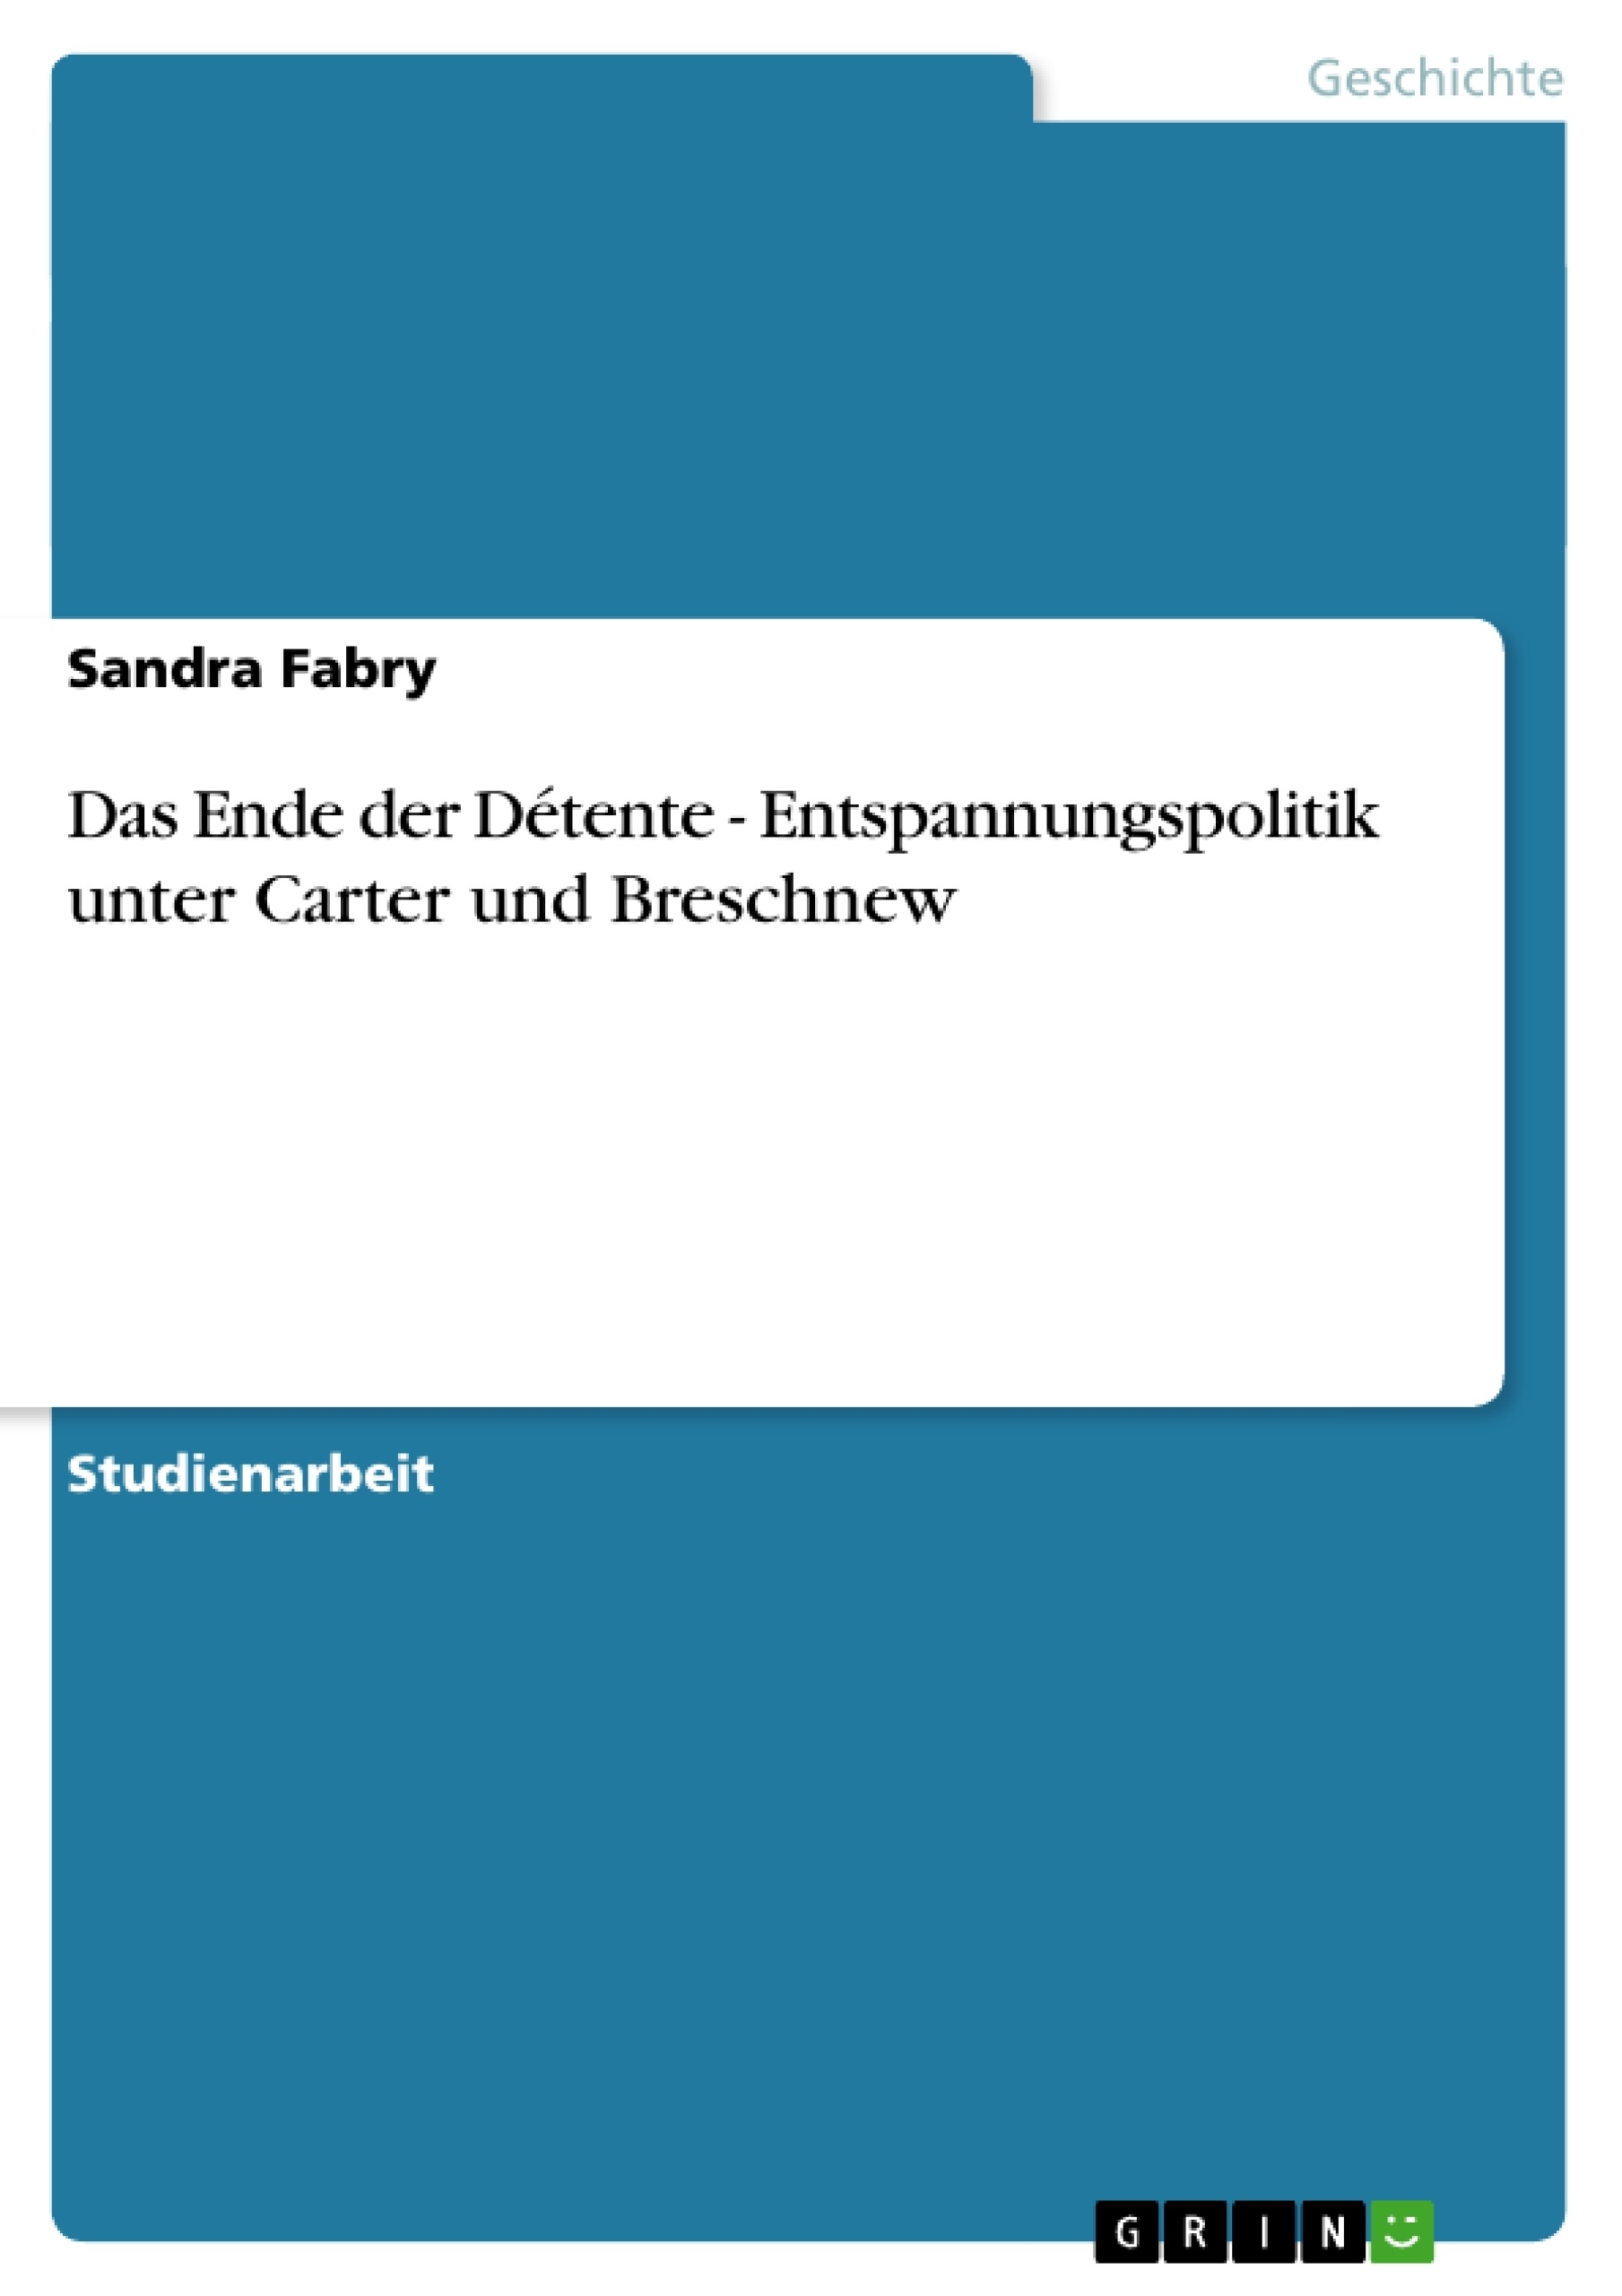 Titel: Das Ende der Détente - Entspannungspolitik unter Carter und Breschnew